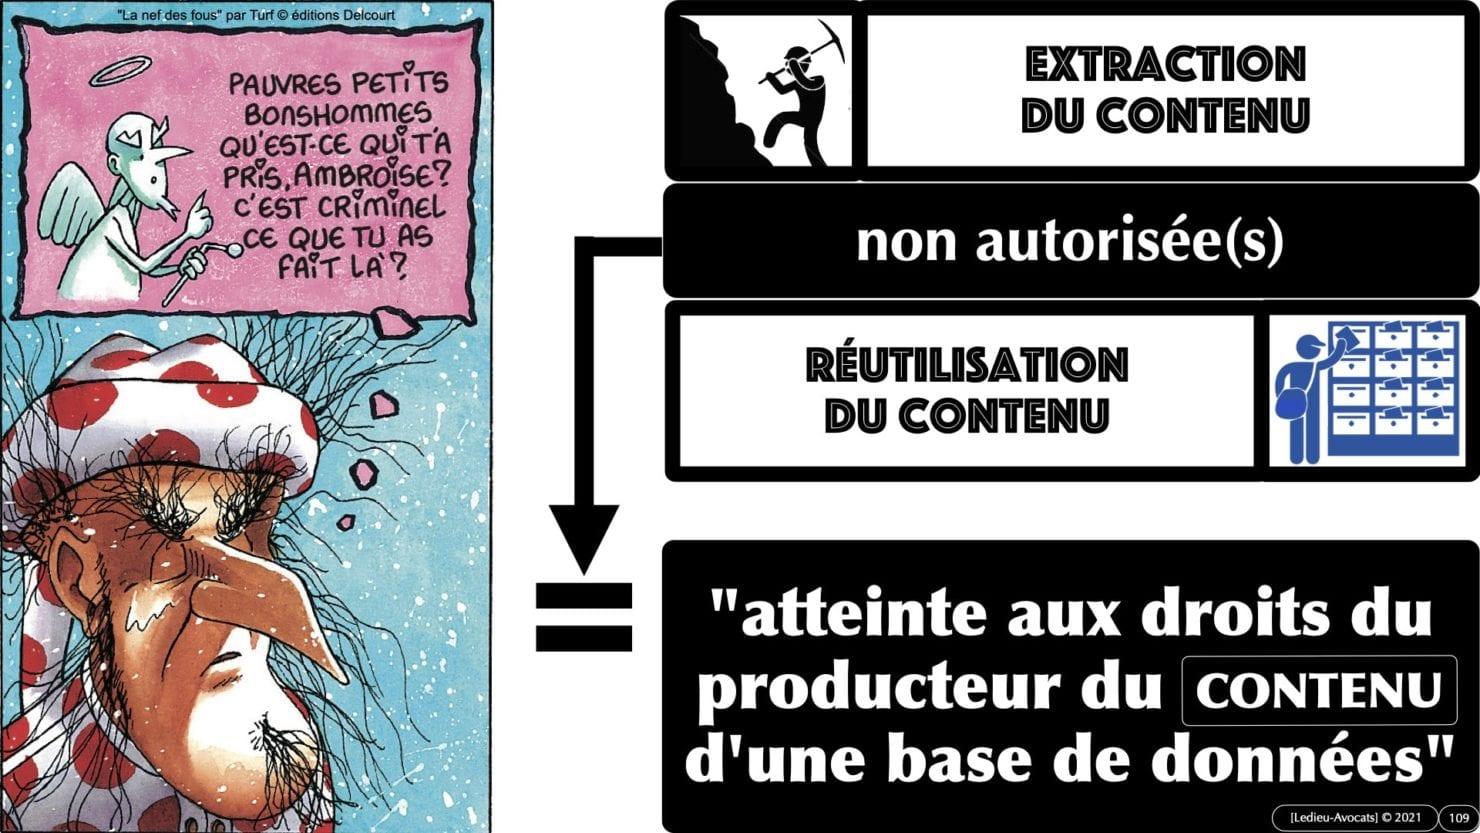 334 extraction indexation BASE DE DONNEES © Ledieu-avocat 24-05-2021.109